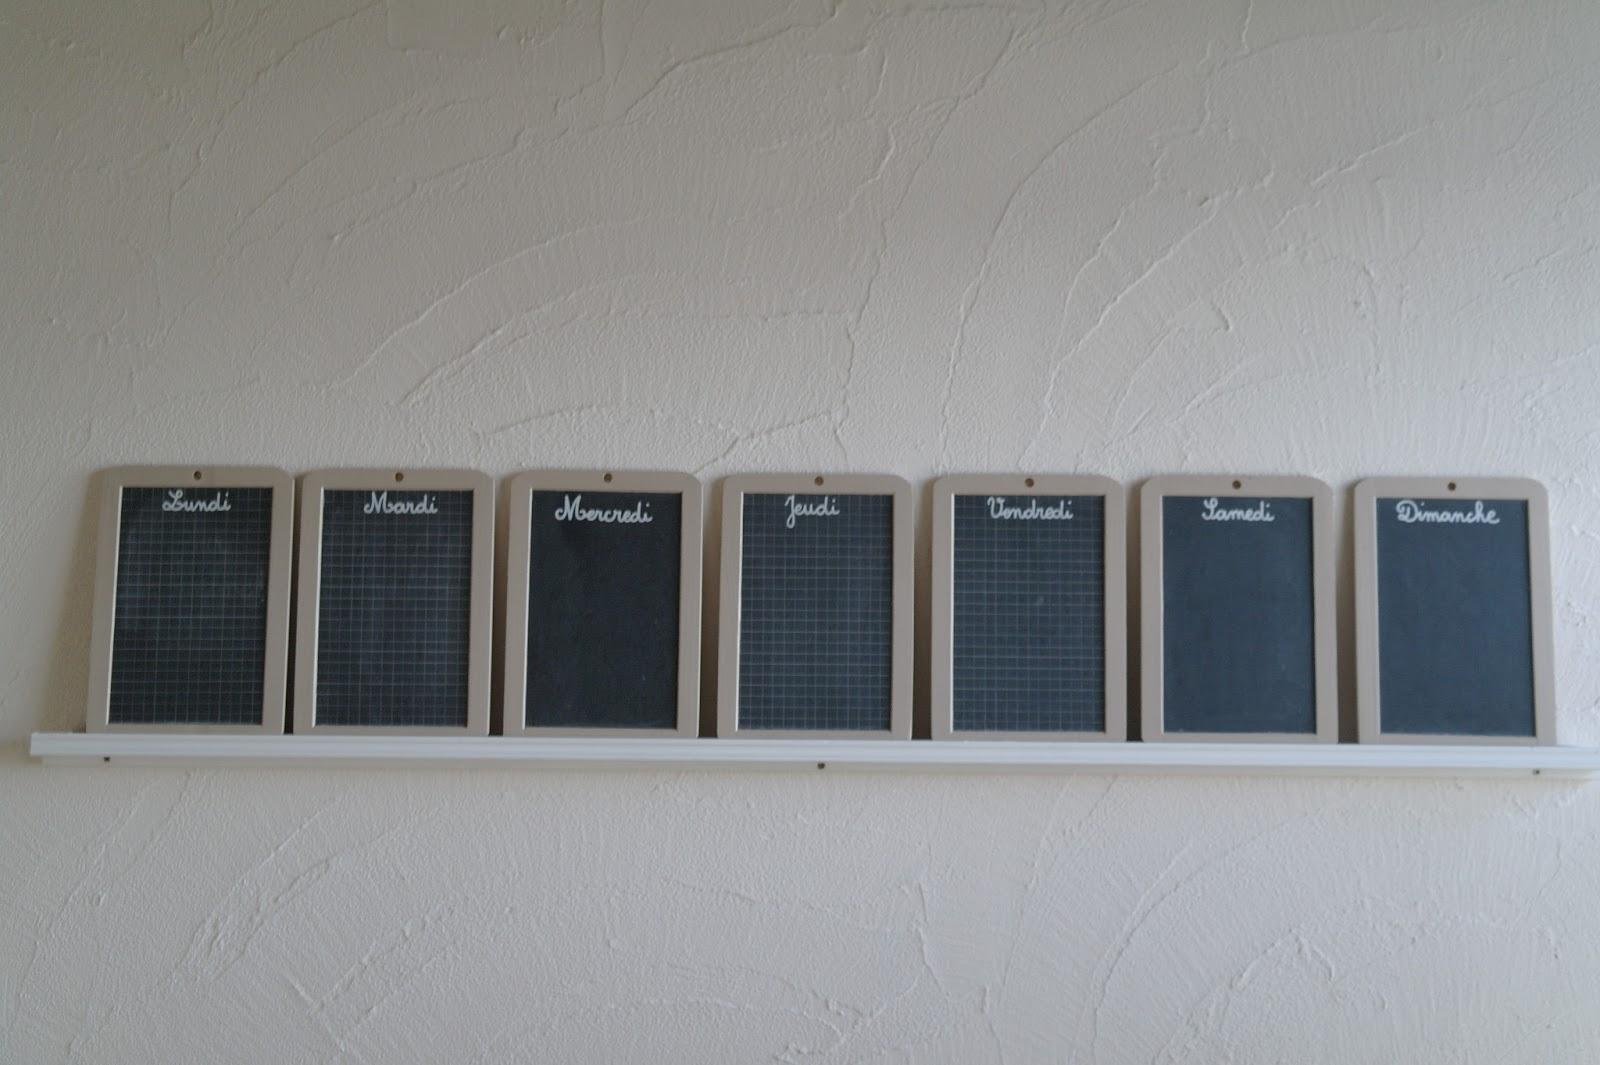 deux rglettes achetes chez leroy merlin pour la fixation au mur et un coup de peinture pour la dco des ardoises pour lcriture le prcieux feutre - Semainier Bois Et Ardoises